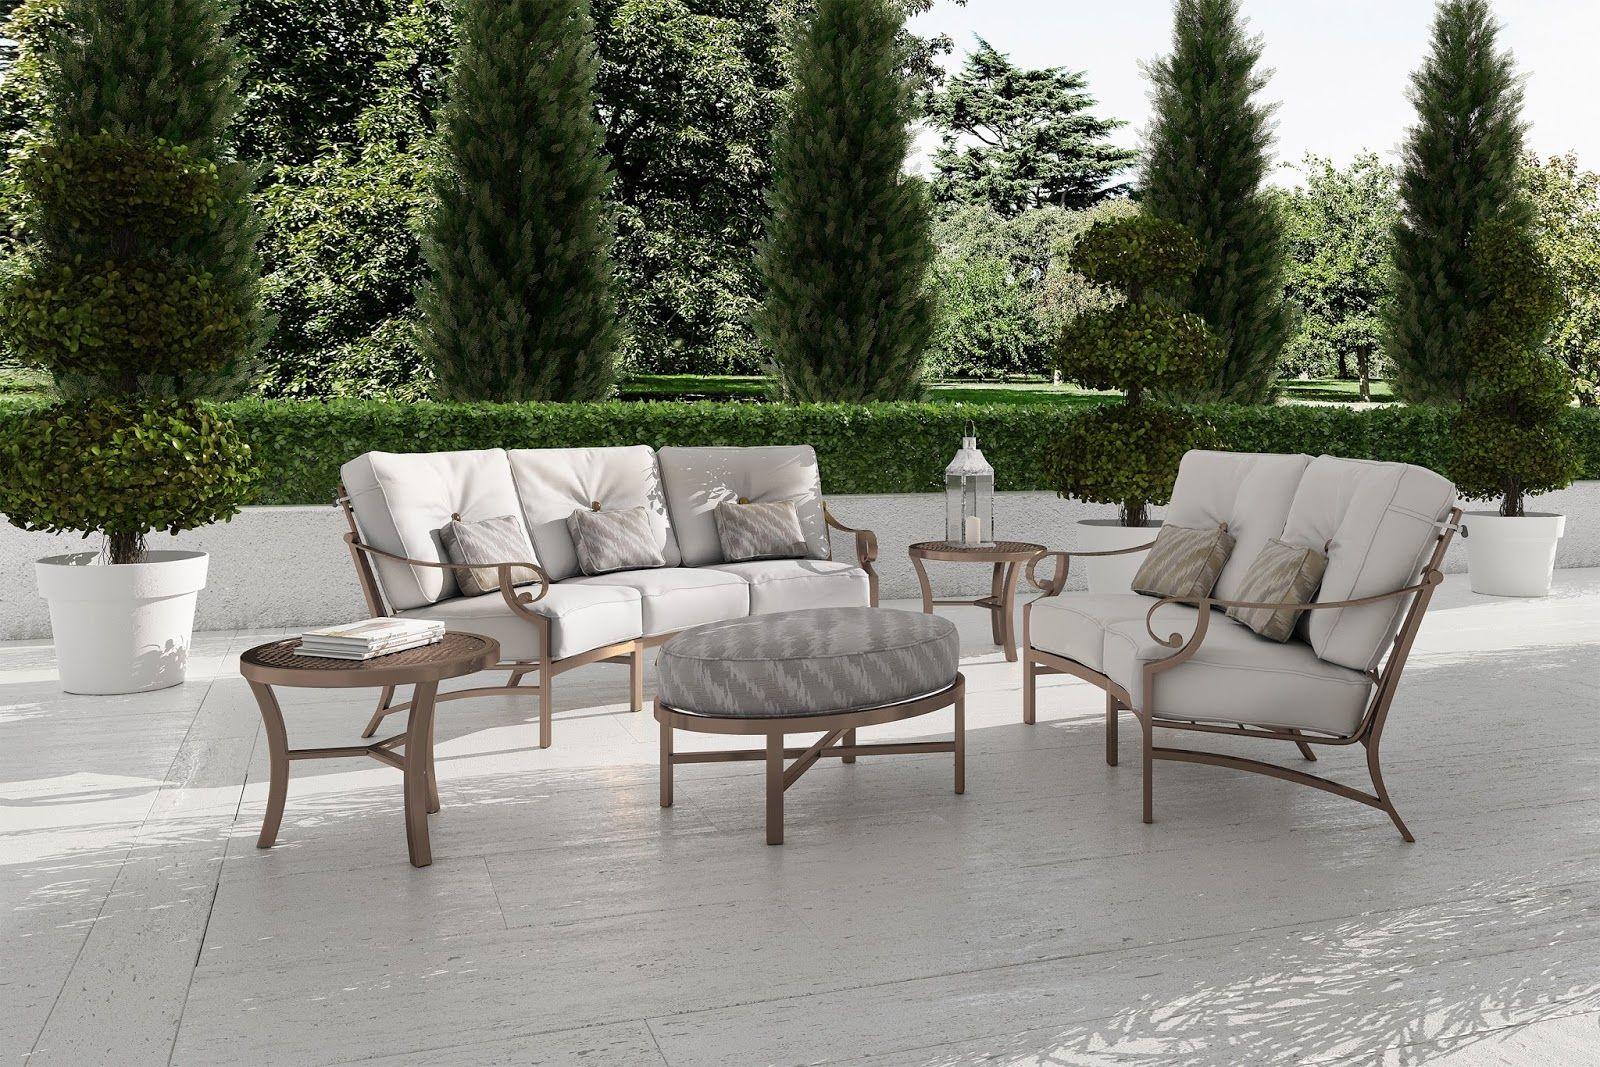 Castelle Patio Furniture Costa Rica Furniture Luxury Outdoor Furniture Outdoor Furniture Sets